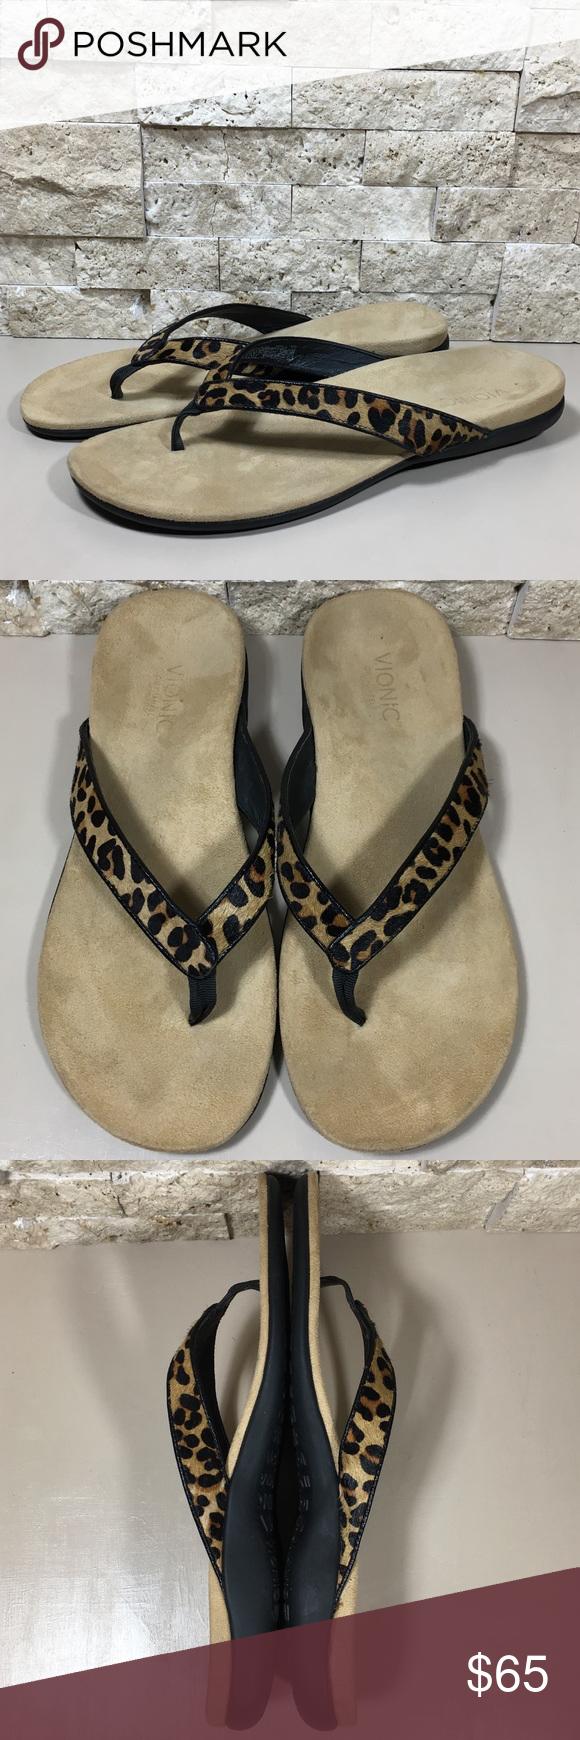 5ab3723e6e6260 Vionic Flip Flop Sandals Orthaheel Leopard Selena Vionic Selena leopard  print calf hair leather flip flop